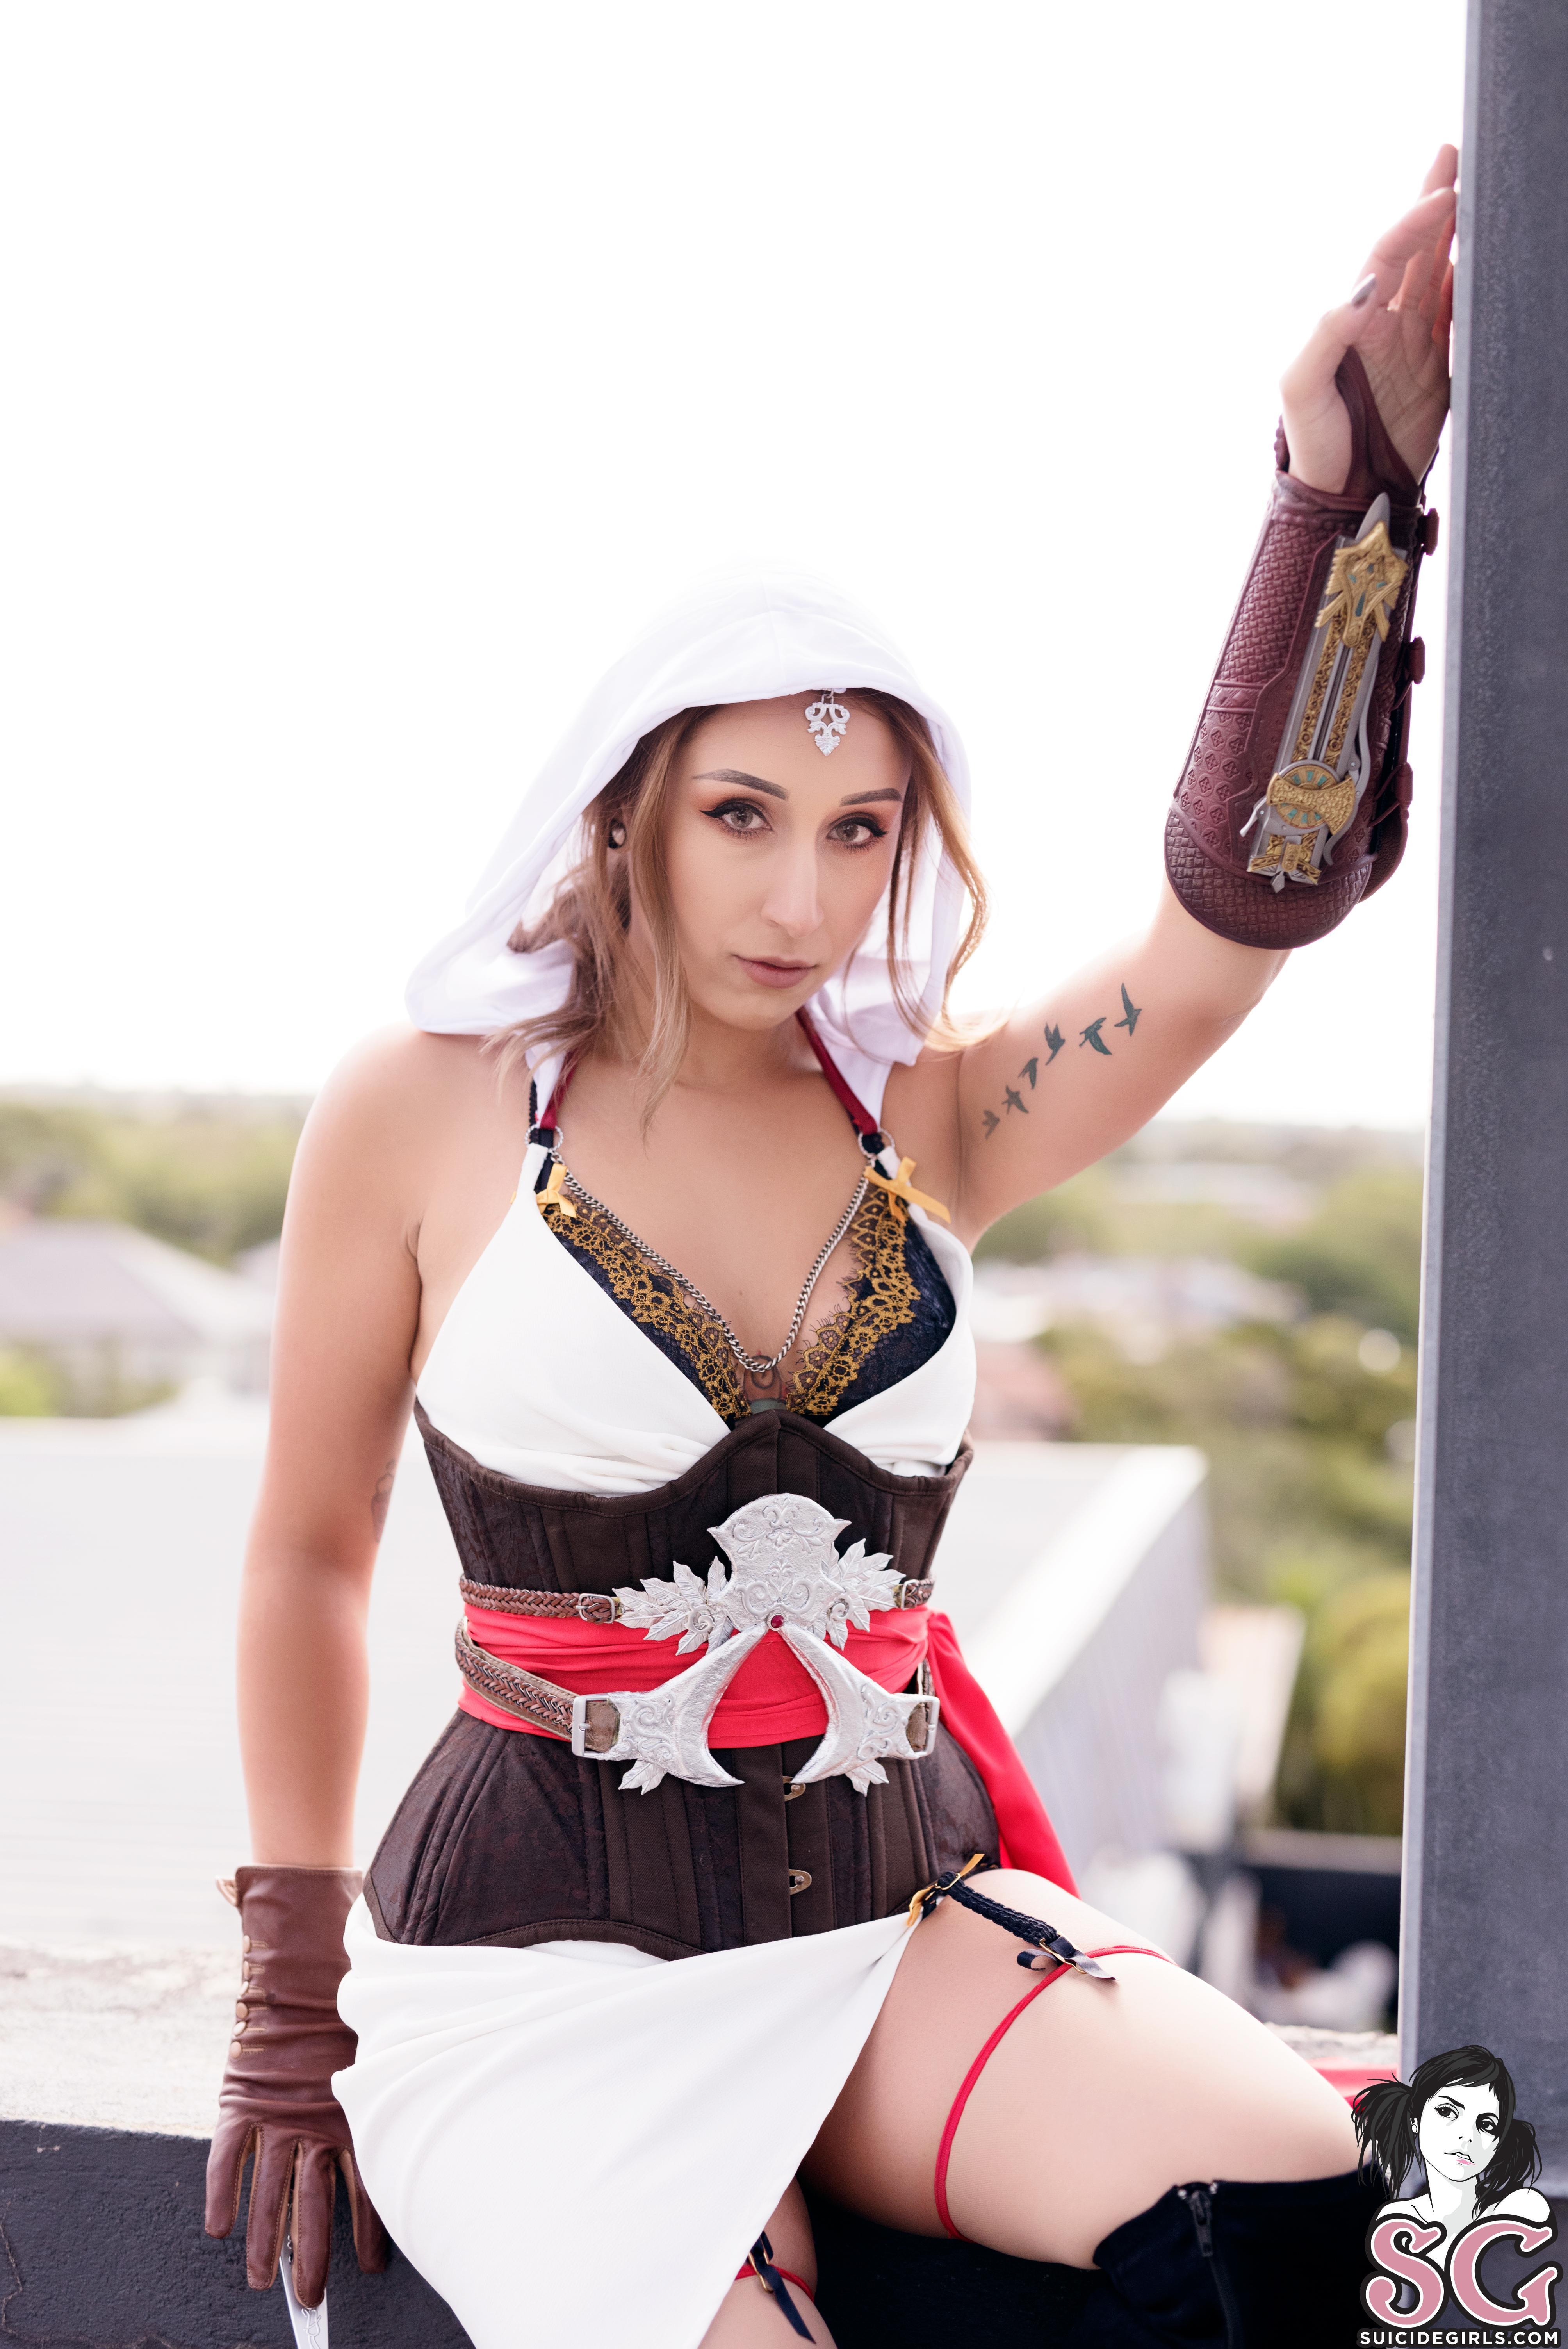 γυμνό μοντέλα cosplay κόκορας τέρας πορνό σωλήνες